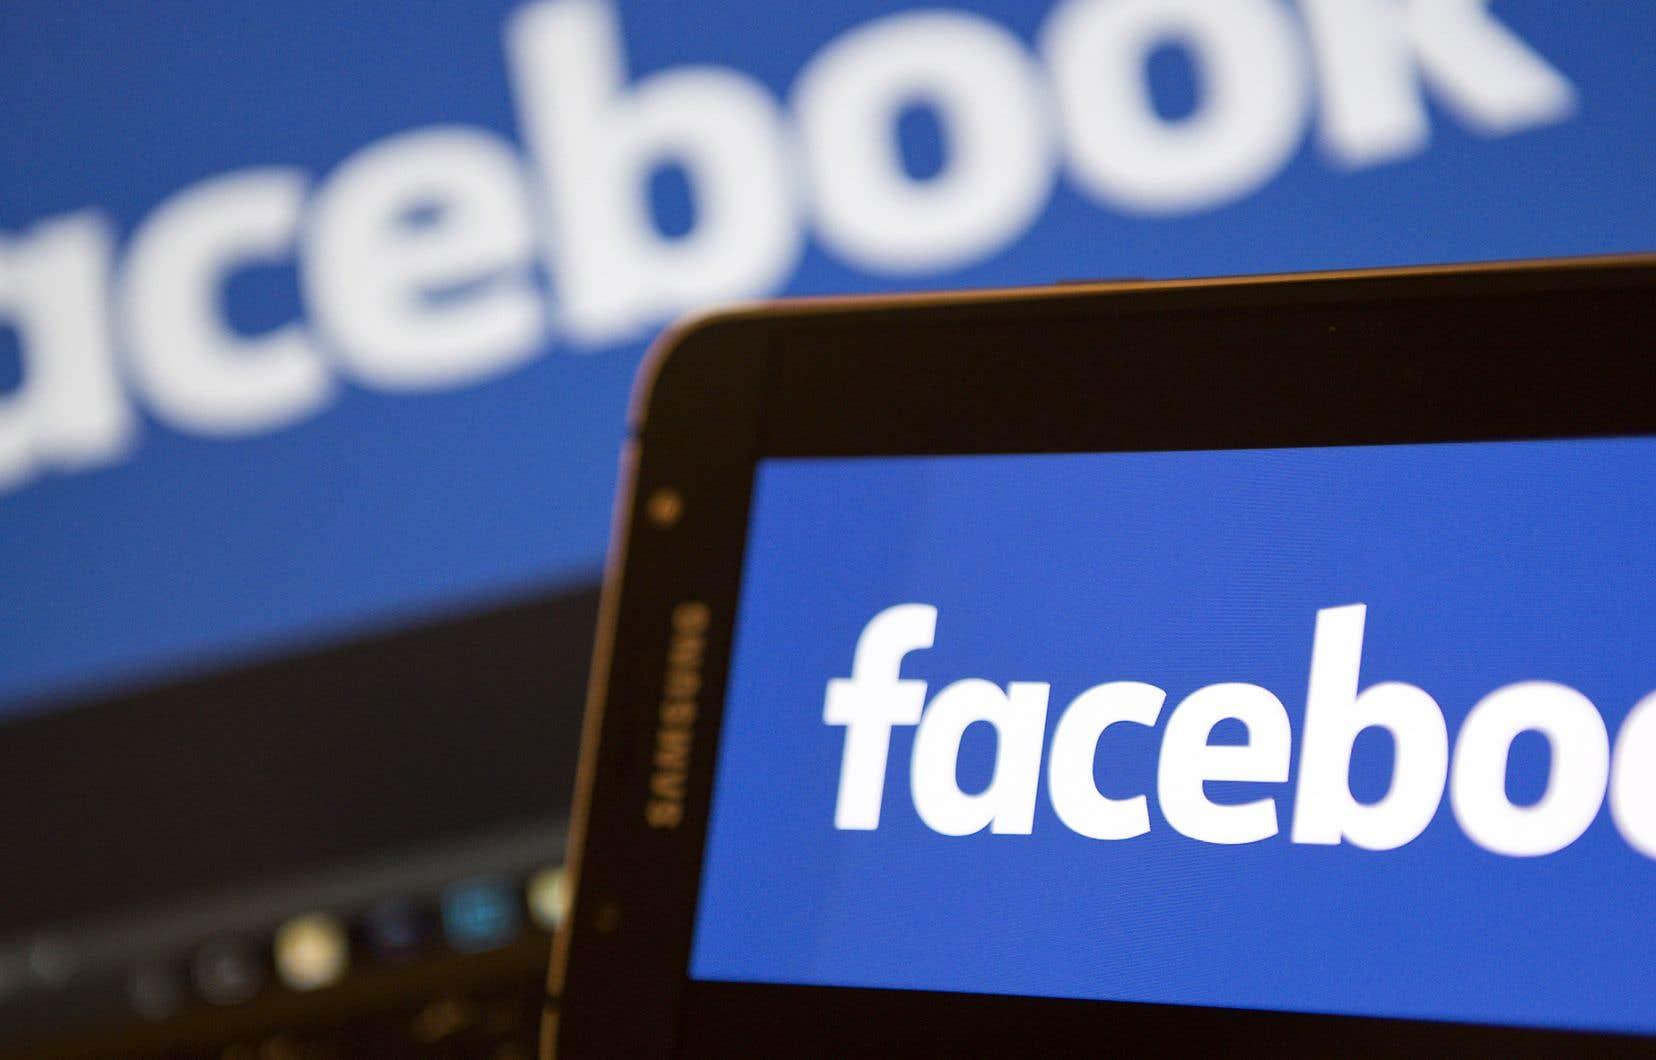 «Notre travail contre la haine organisée se poursuit et nous continuerons d'examiner les personnes, les pages, les groupes et le contenu en fonction de nos normes communautaires», a déclaré Facebook.